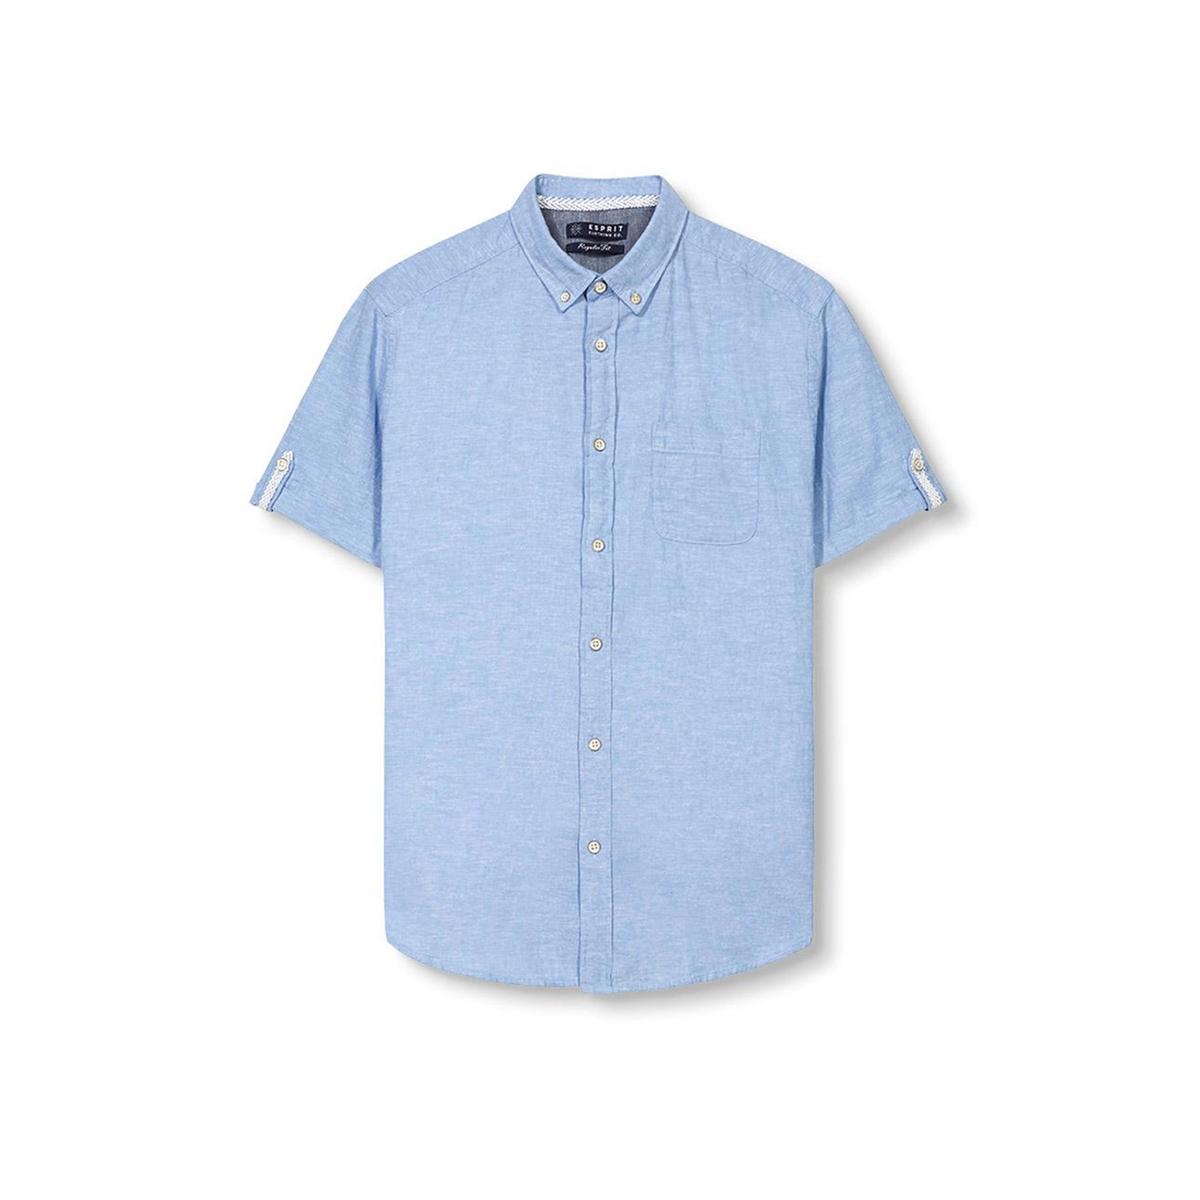 Рубашка с короткими рукавами из хлопка и льнаСостав и описание :Материал         76% хлопка, 24% льнаМарка         ESPRIT Уход :Машинная стирка при 30 °С с вещами схожих цветовСтирать и гладить с изнаночной стороныМашинная сушка в умеренном режимеГладить при низкой температуре<br><br>Цвет: небесно-голубой,темно-синий